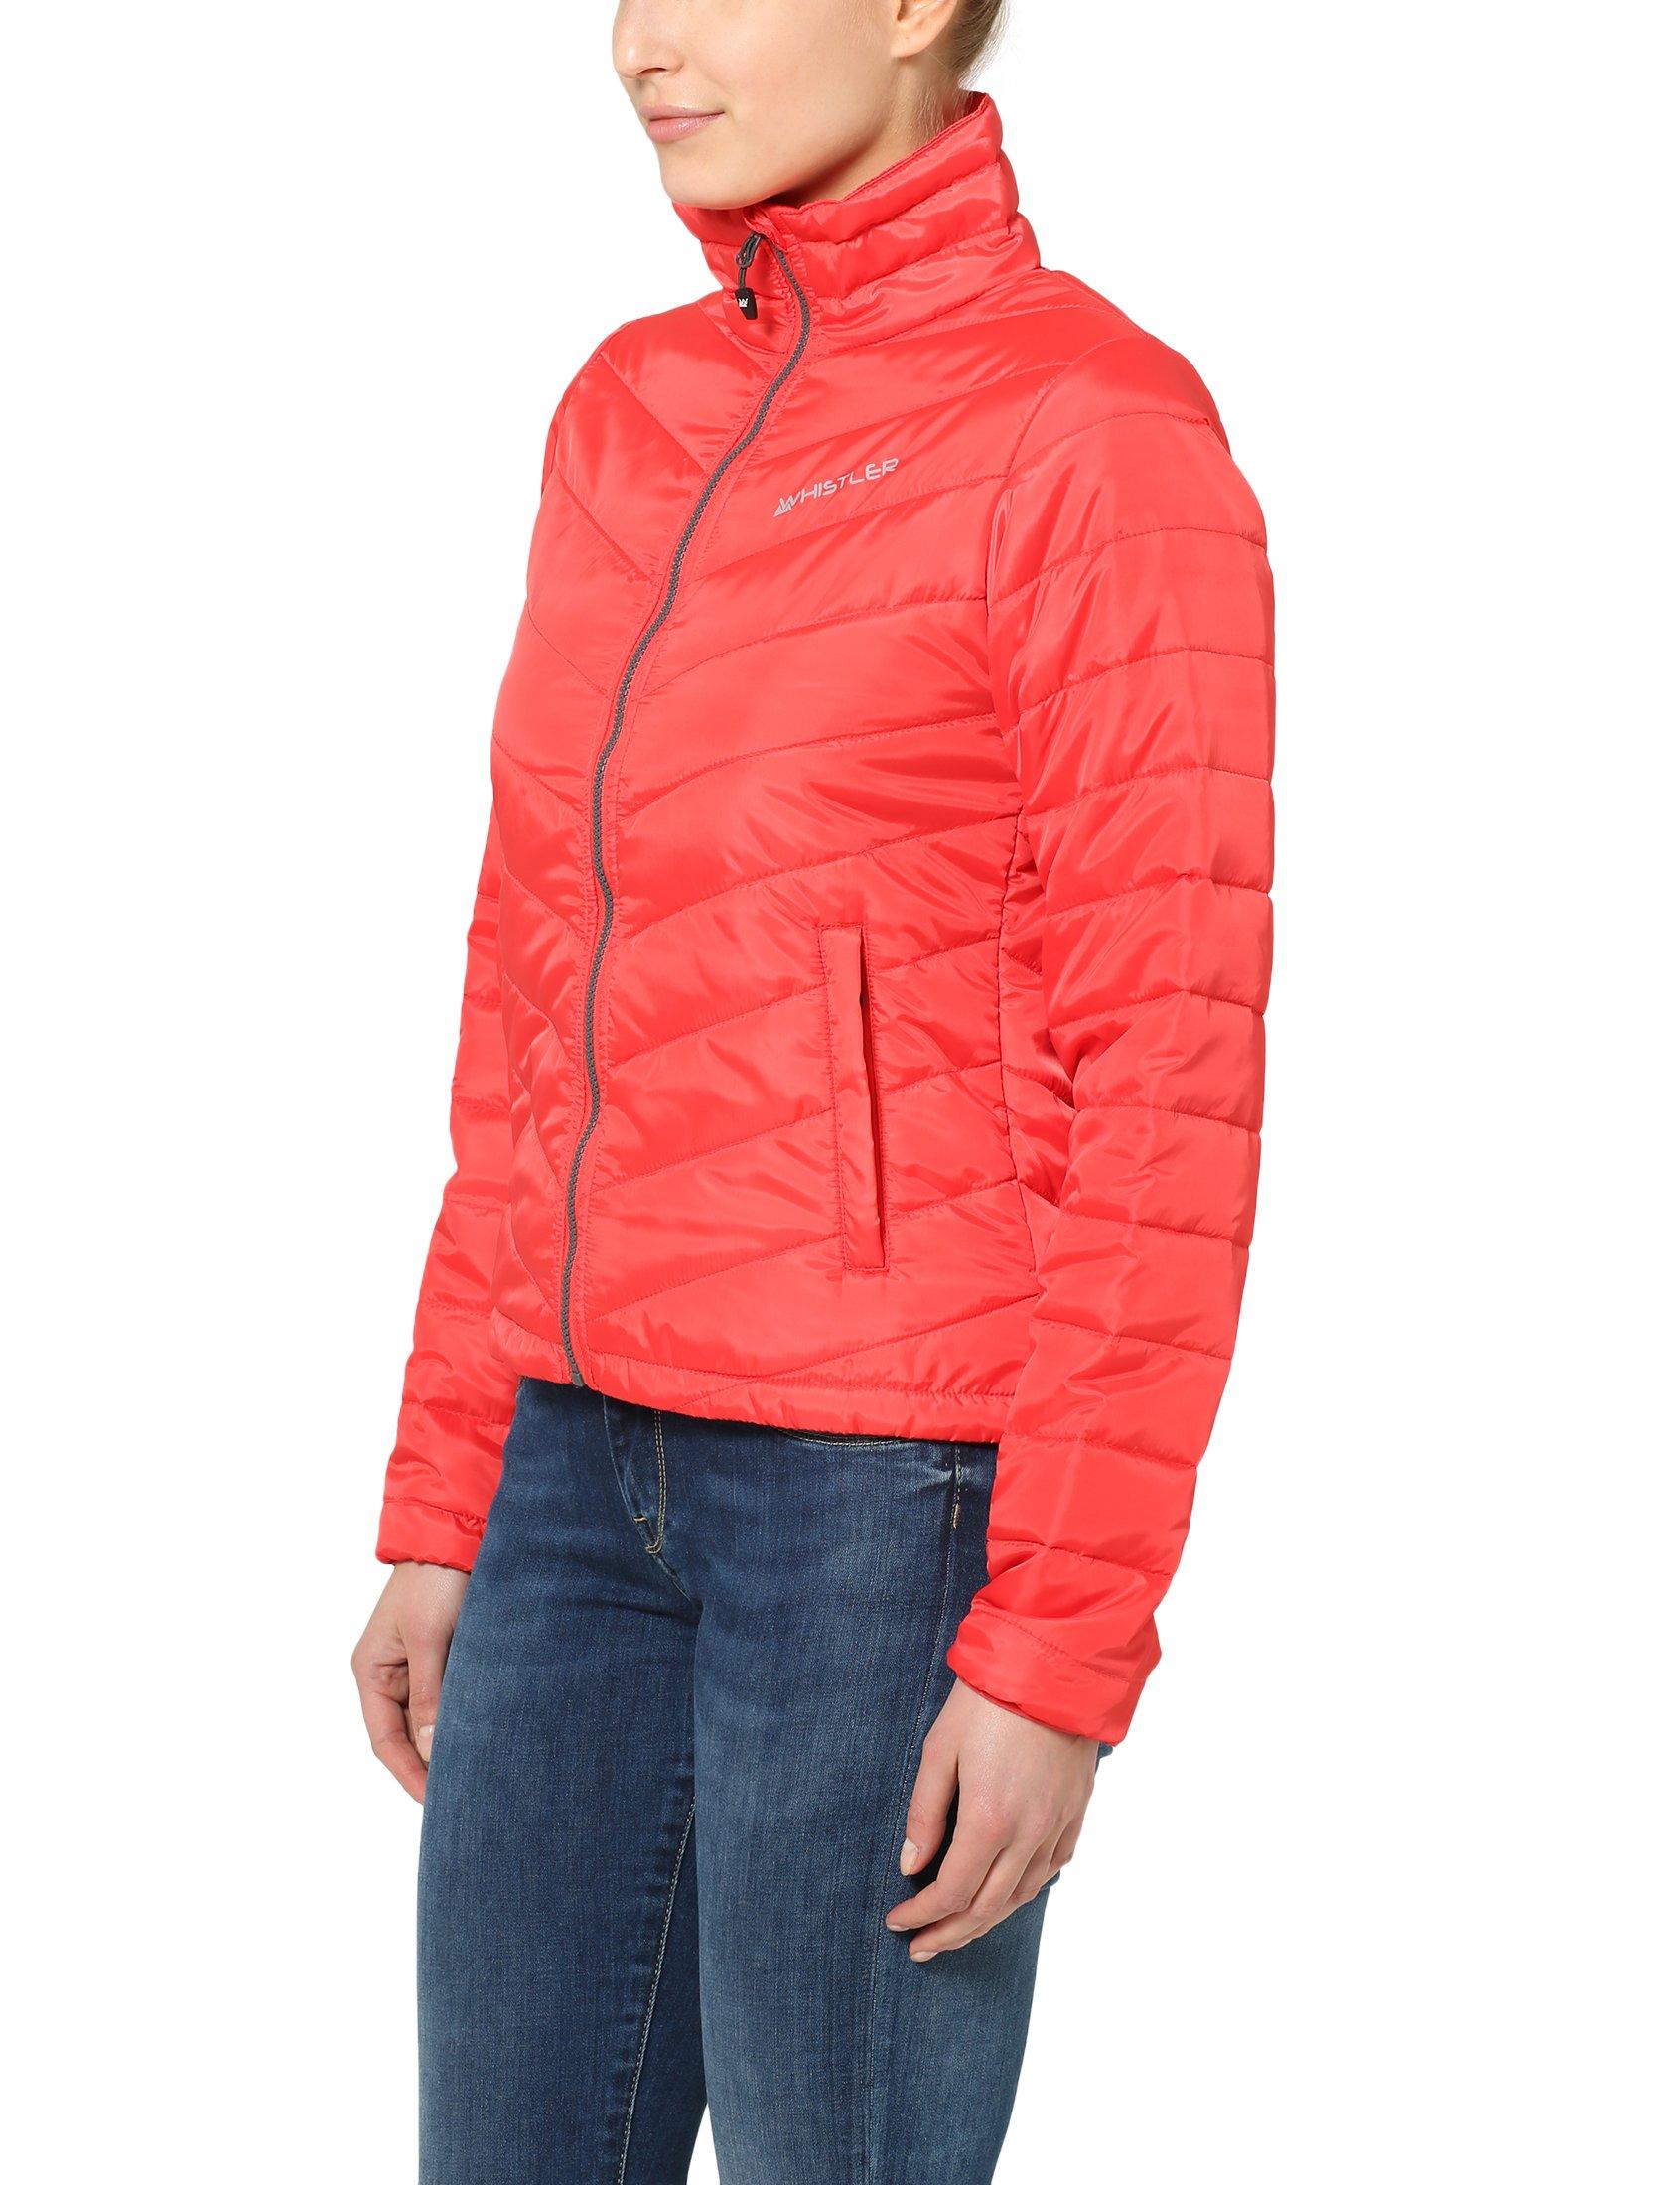 81HnCJtTBNL - Ultrasport Whistler Women's Quilted Jacket Foggia